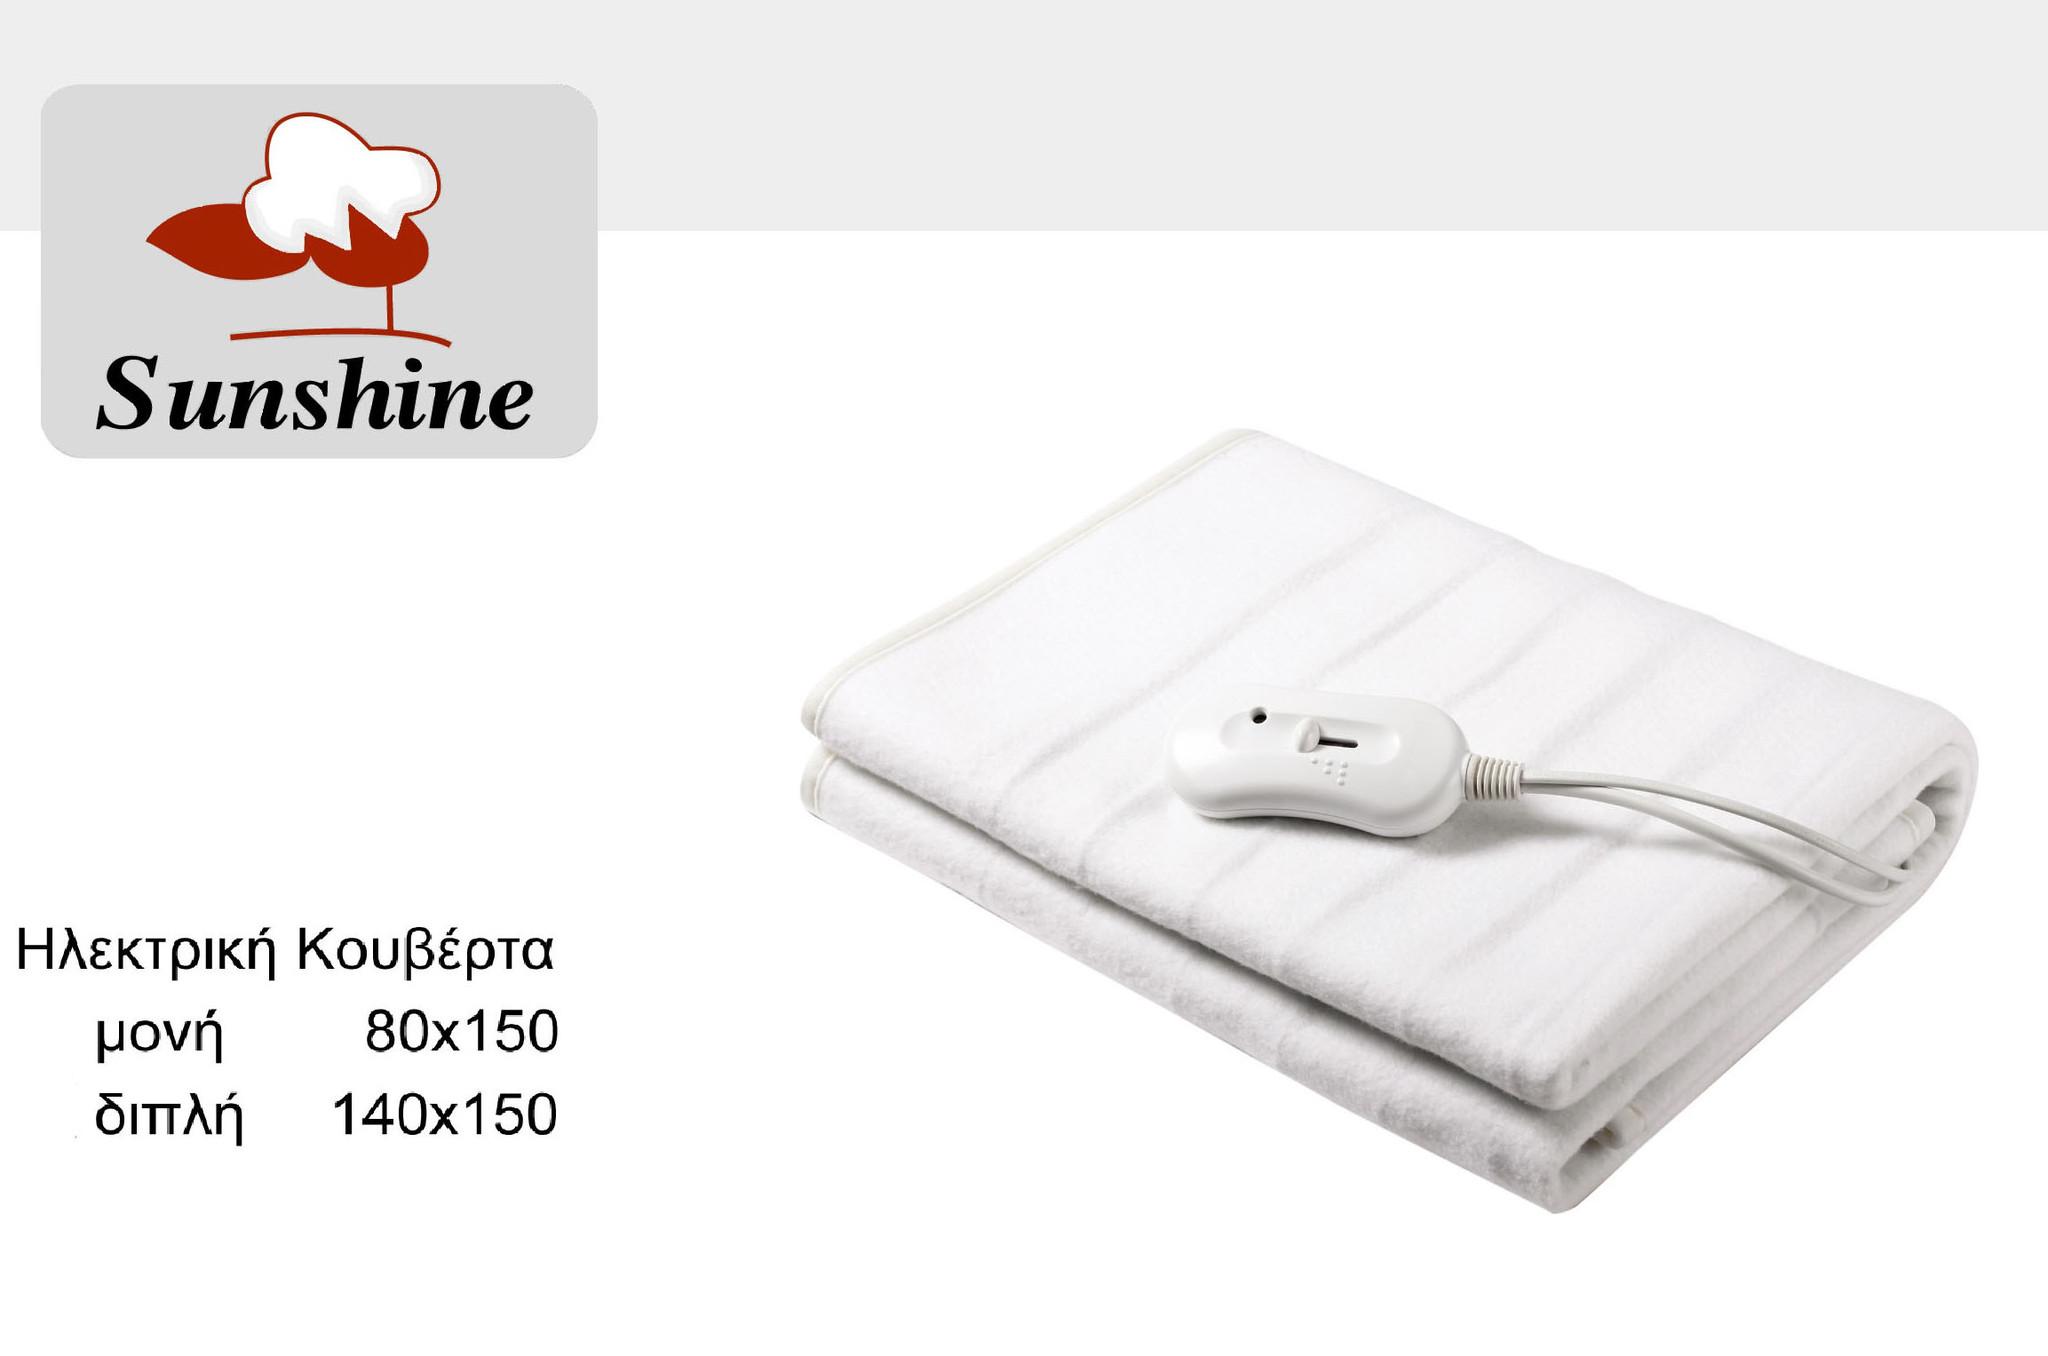 Ηλεκτρική κουβέρτα Sunshine-Διπλή 140×150